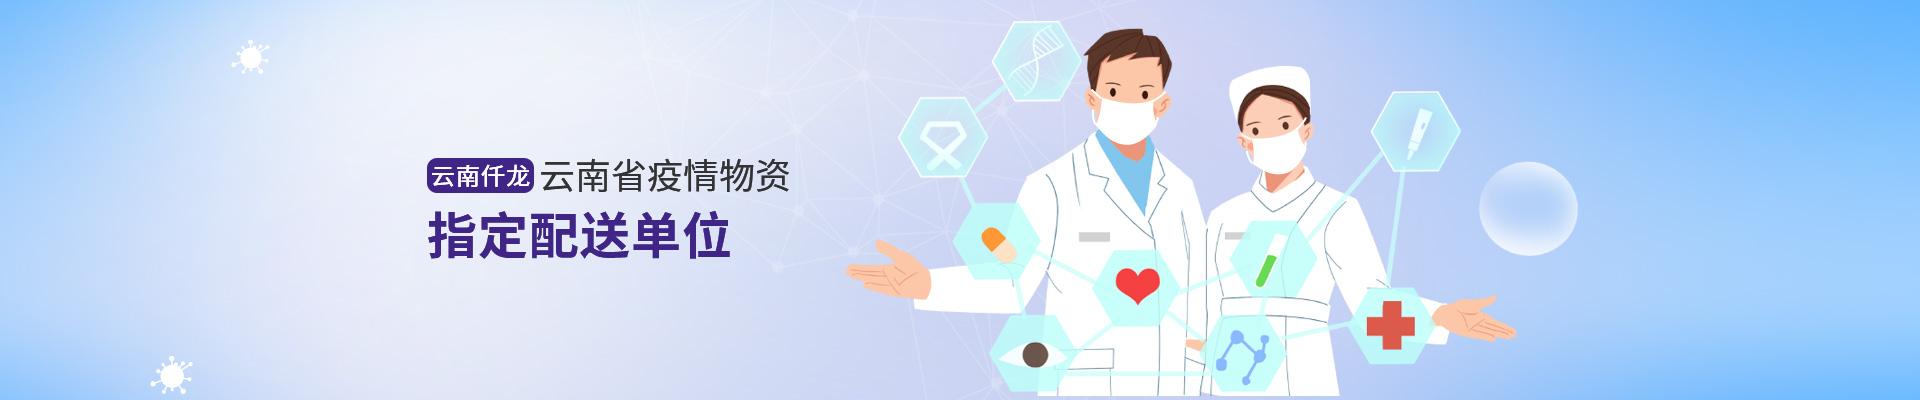 云南仟龙——云南省疫情物资指定配送单位